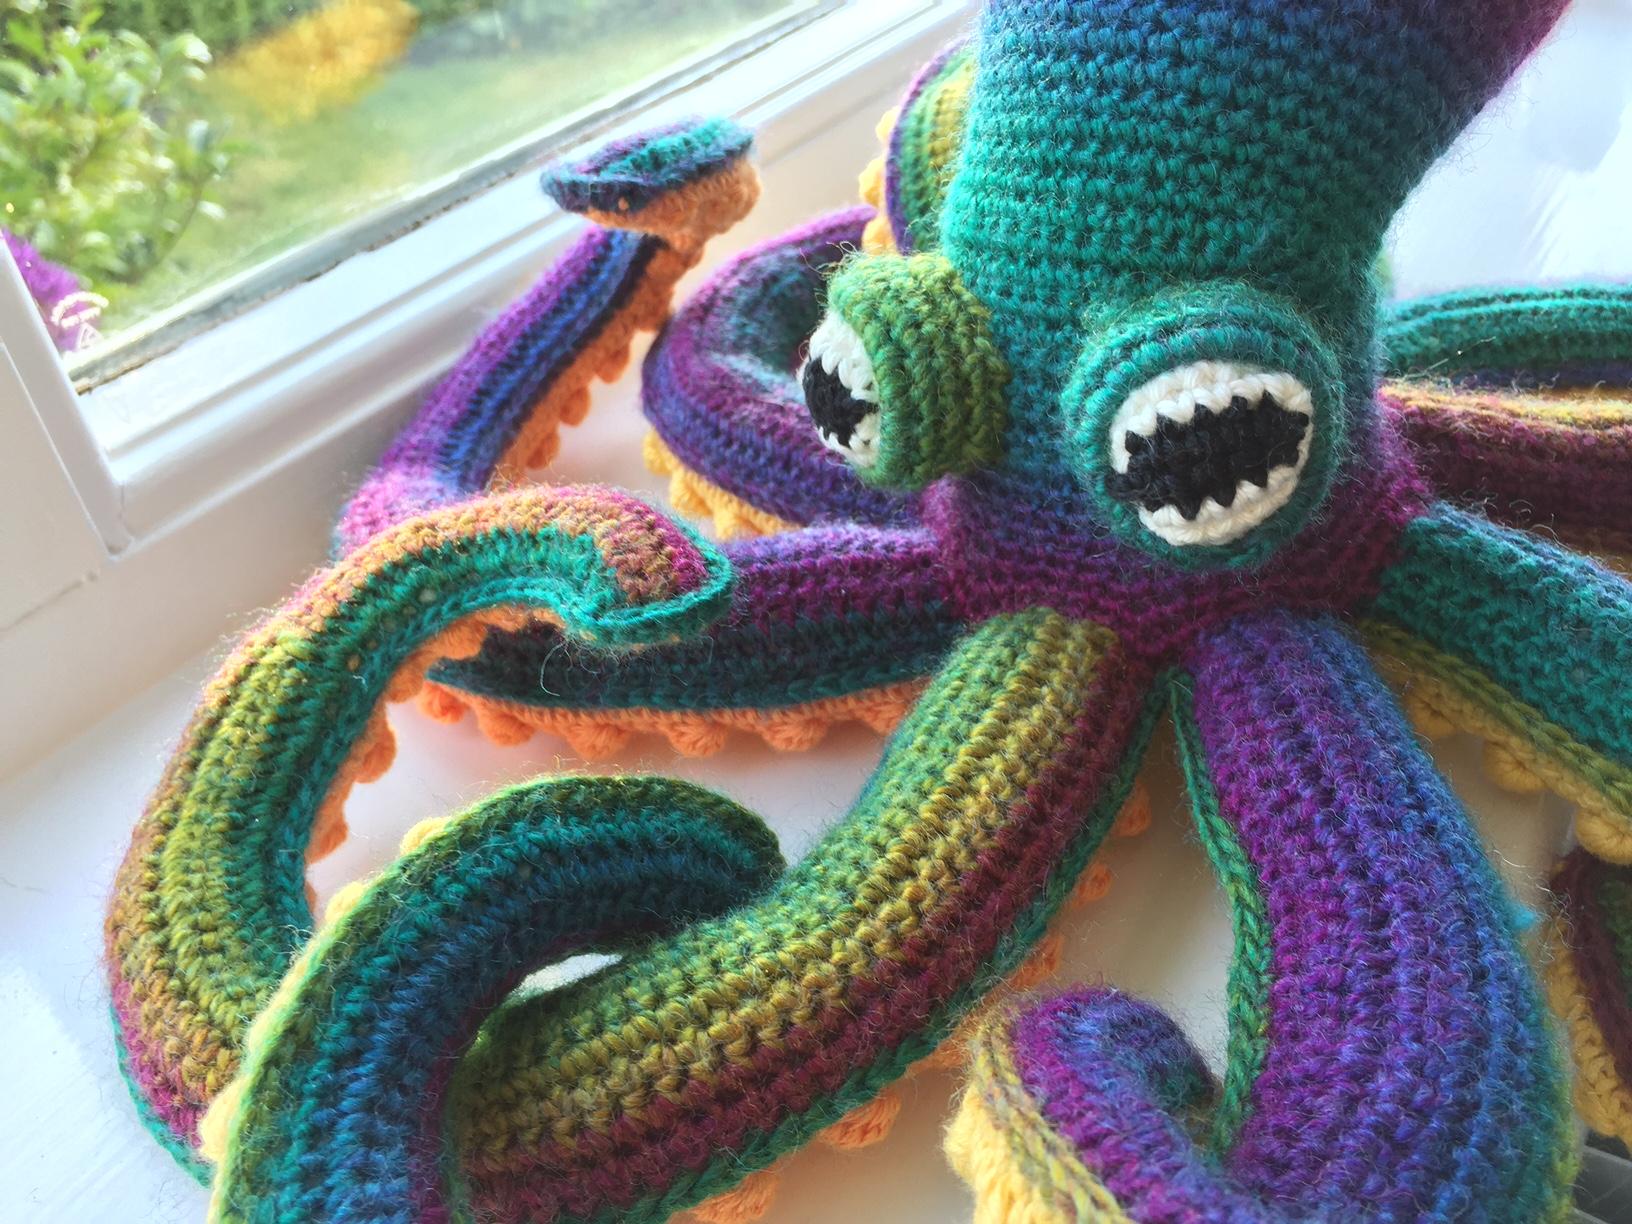 Crochet octopus close up